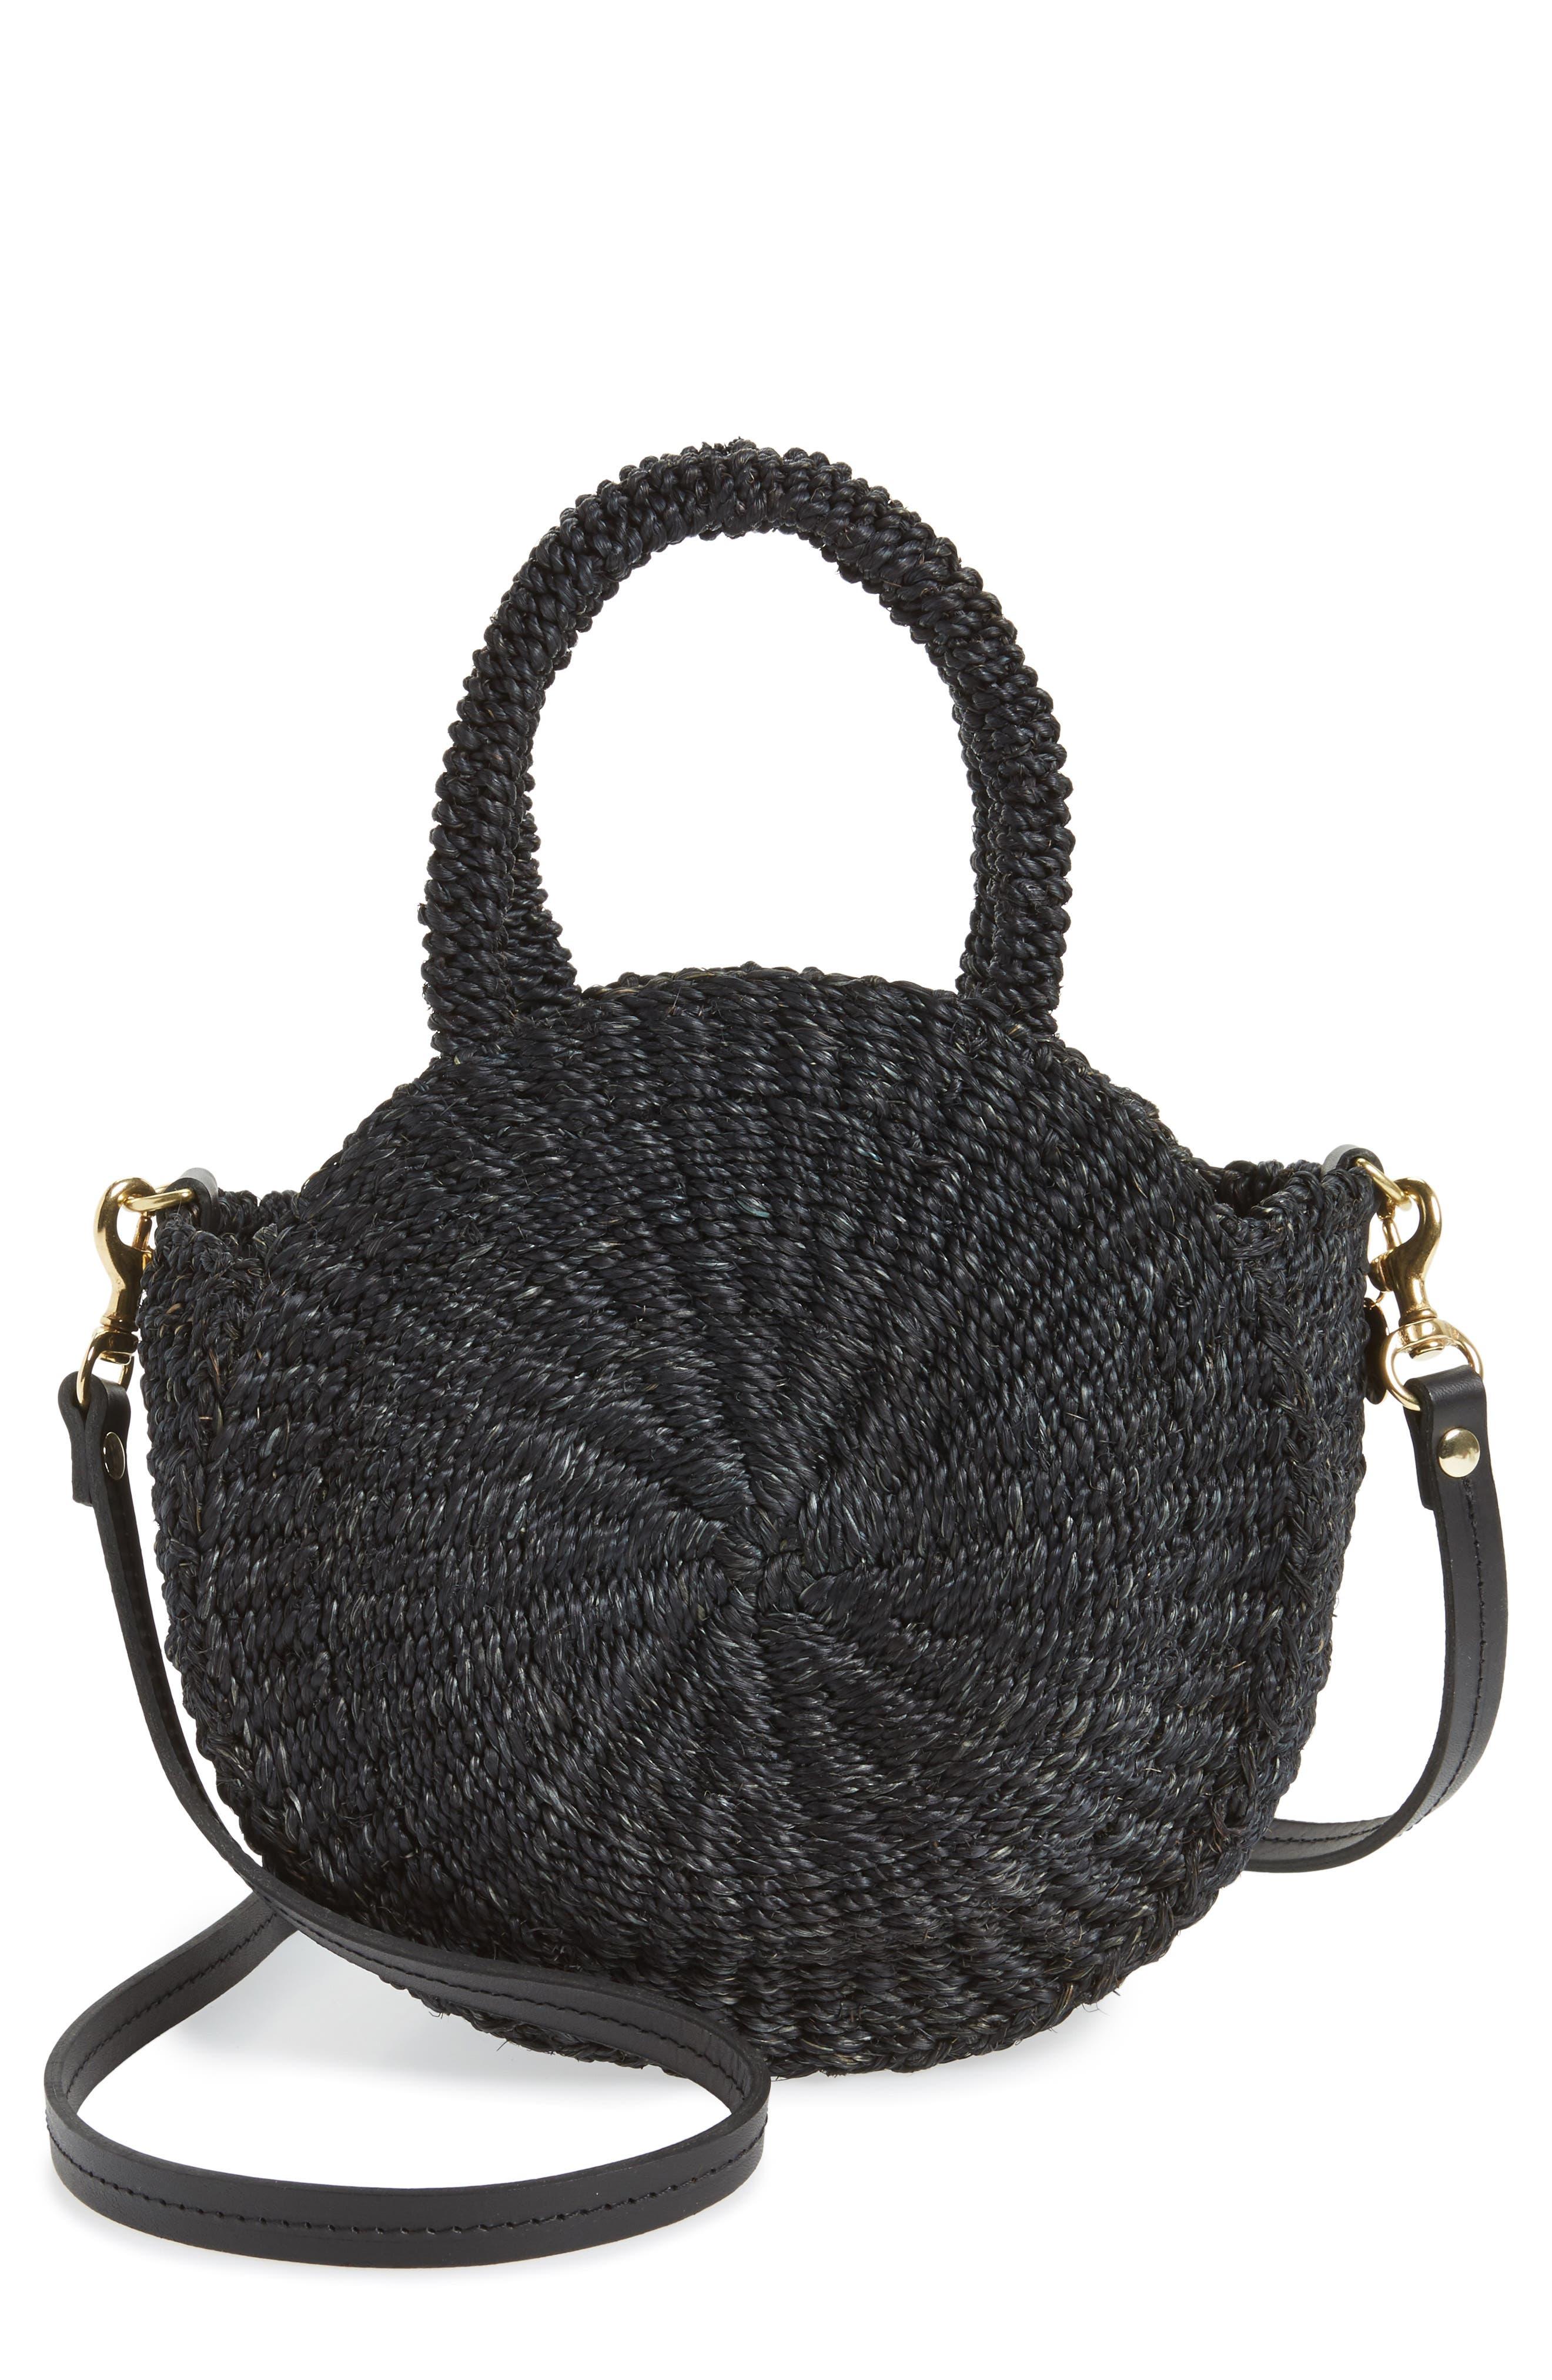 Main Image - Clare V. Petite Alice Straw Bag